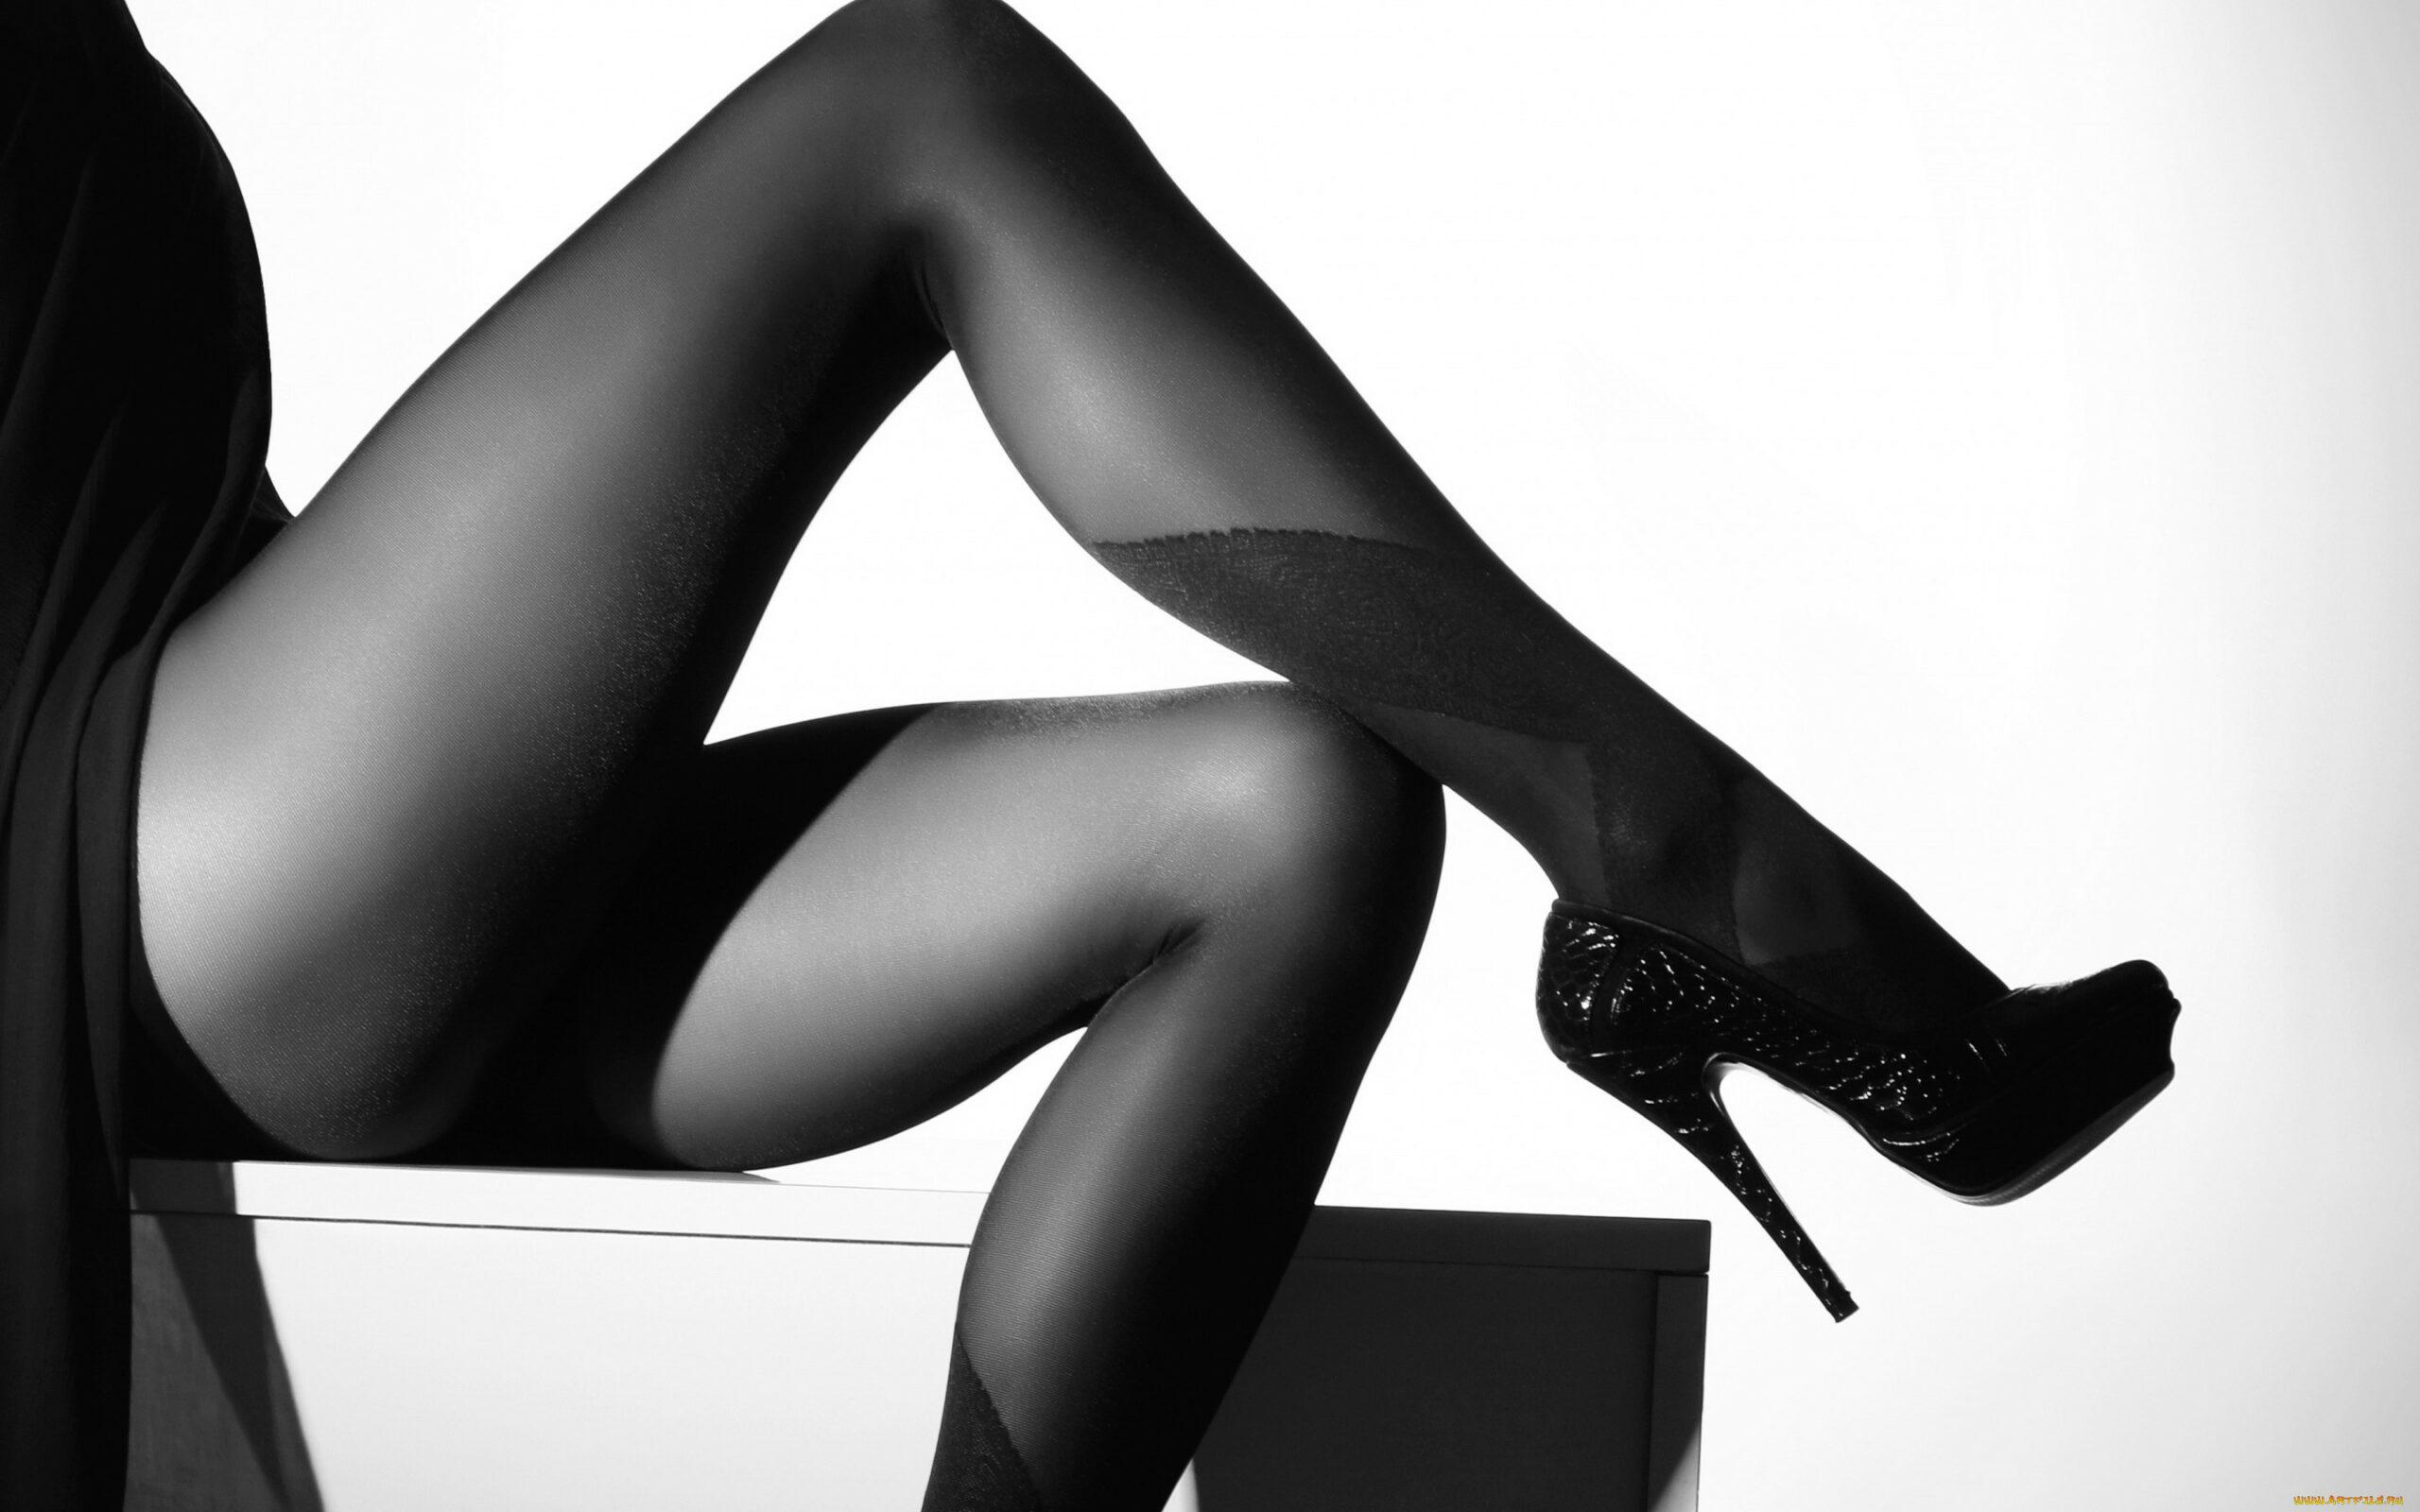 10 правил стиля при ношении колготок которые должна знать каждая женщина